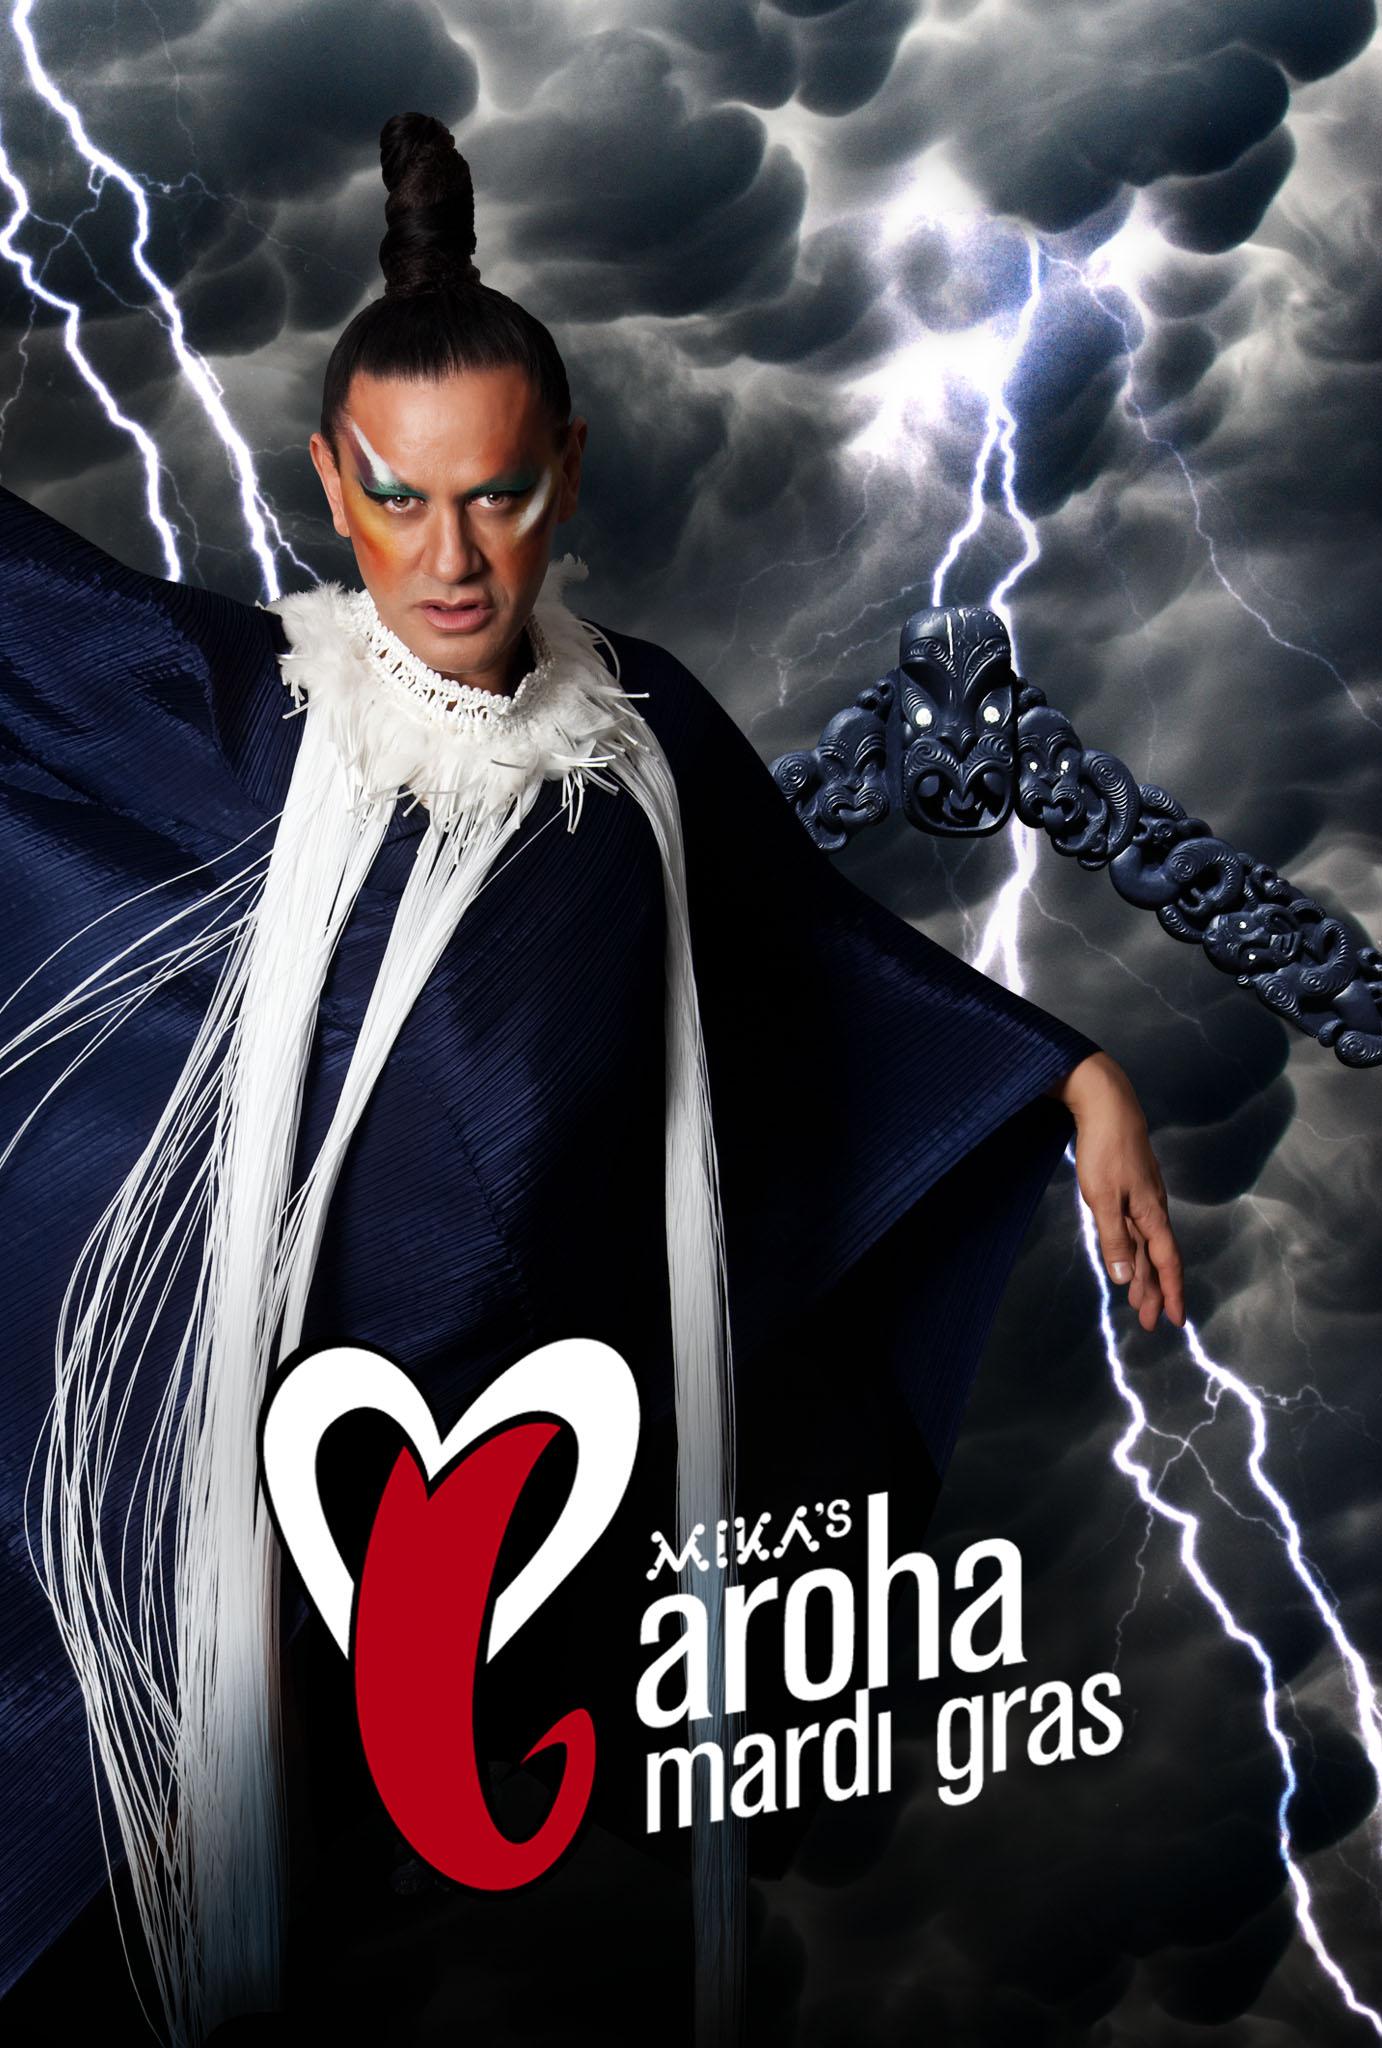 ArohaMardiGras_LowRes.jpg